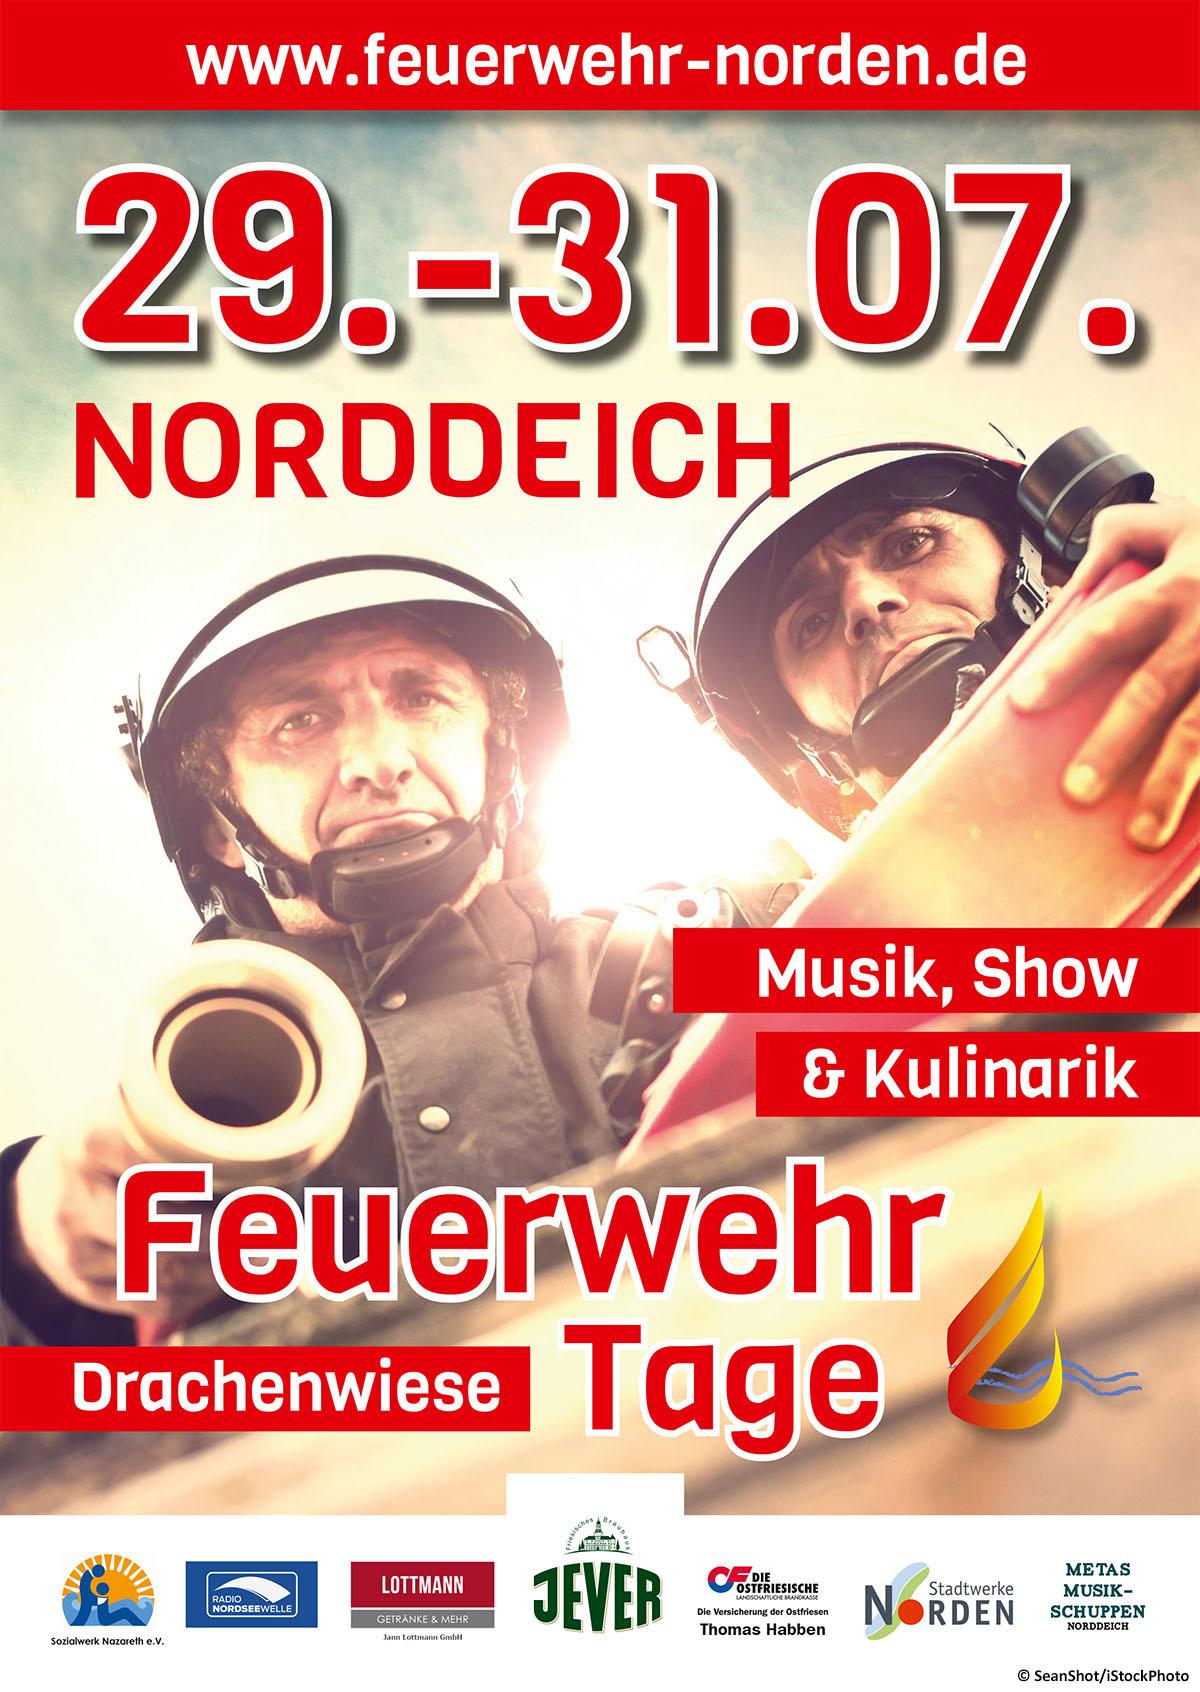 Feuerwehrtage_final-A4-2